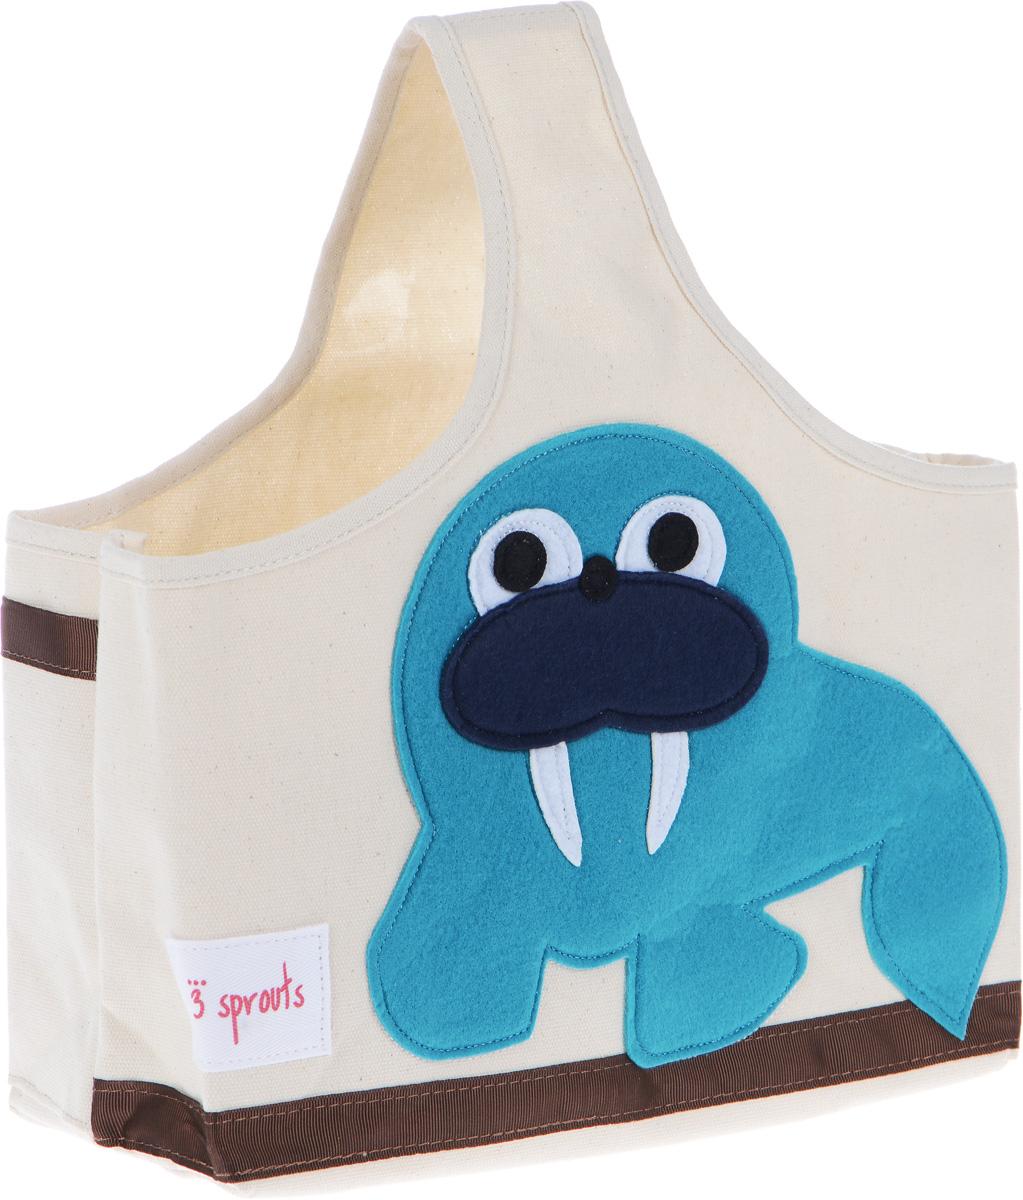 3 Sprouts Сумка для хранения вещей Морж 3 sprouts детское полотенце с капюшоном морж blue walrus 28649